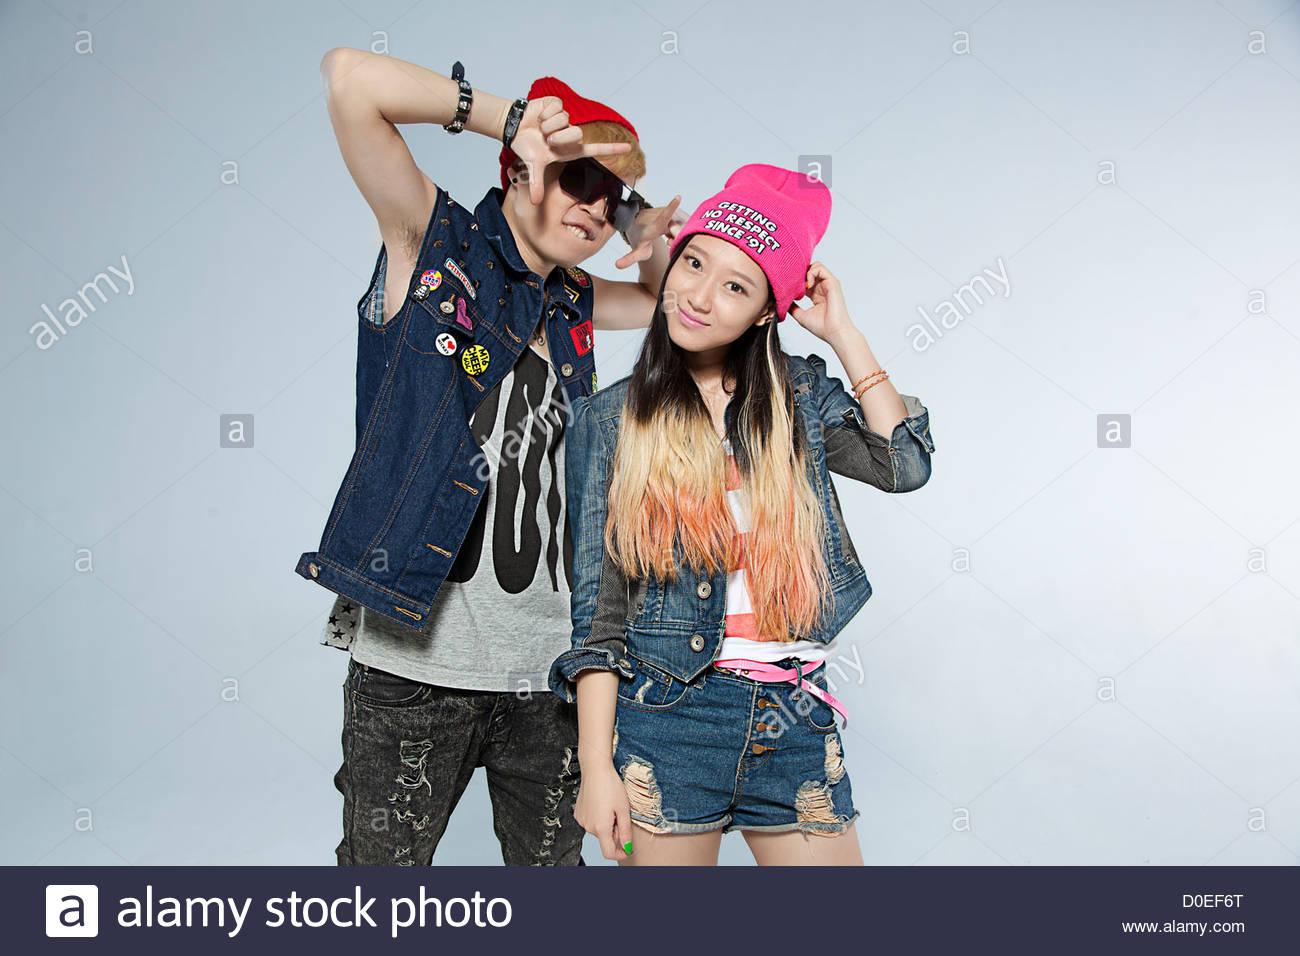 Asian Hip Hop Style 21